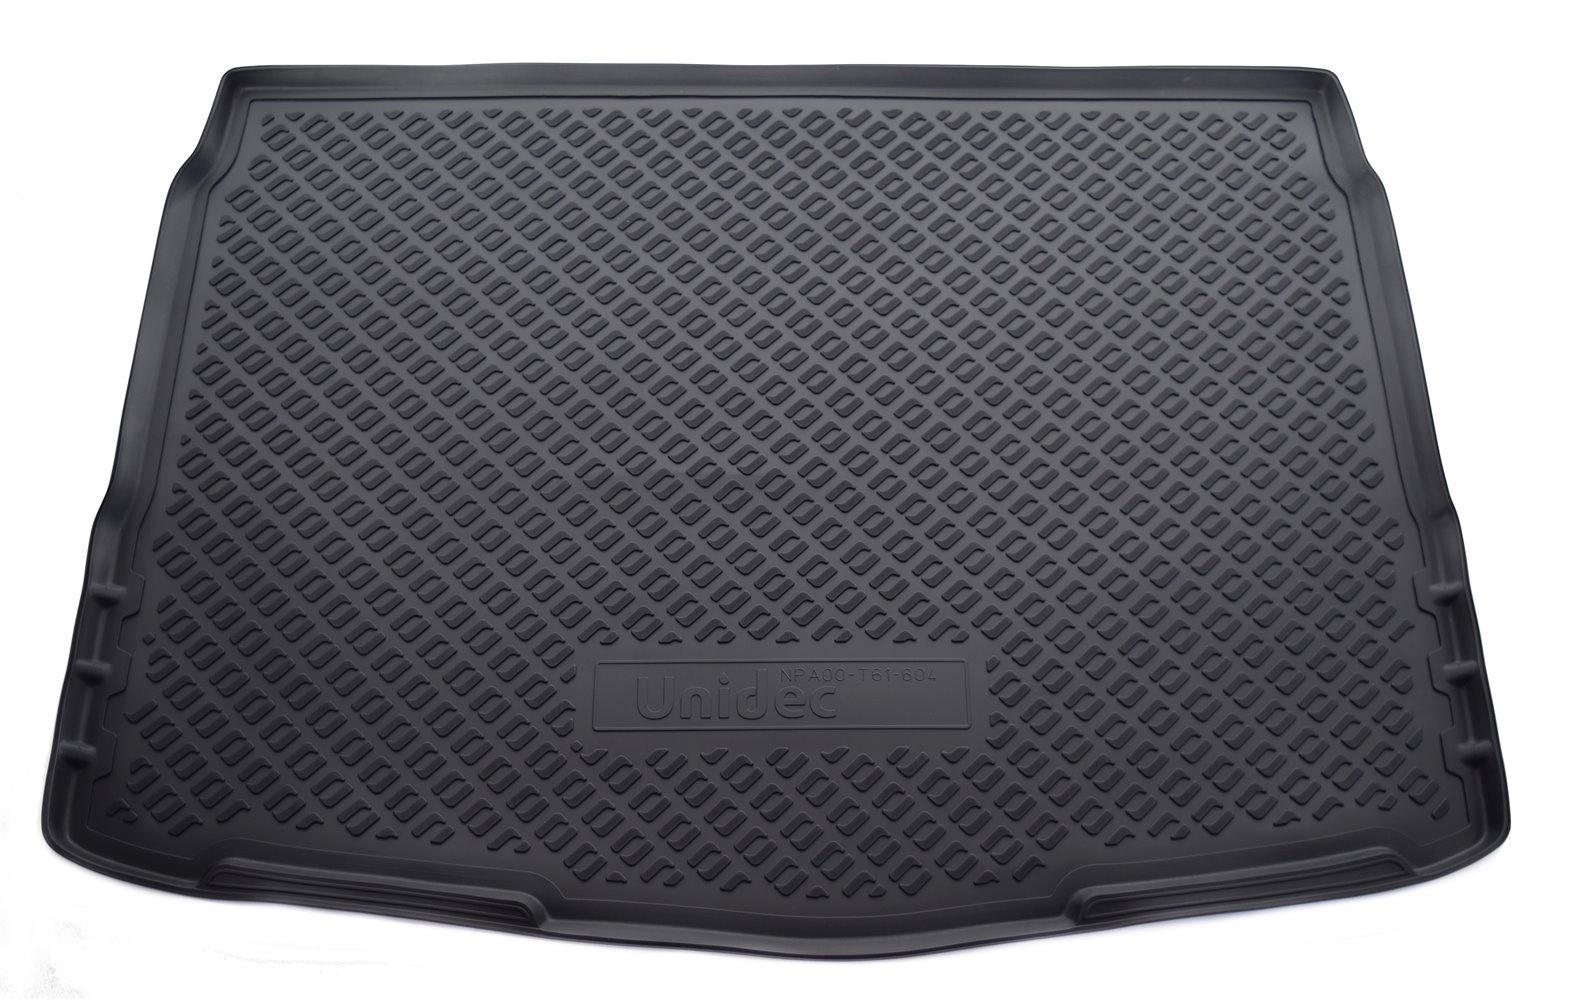 цена на Коврик для багажника Norplast для Nissan Qashqai, J11, 2014, NPA00-T61-604, черный